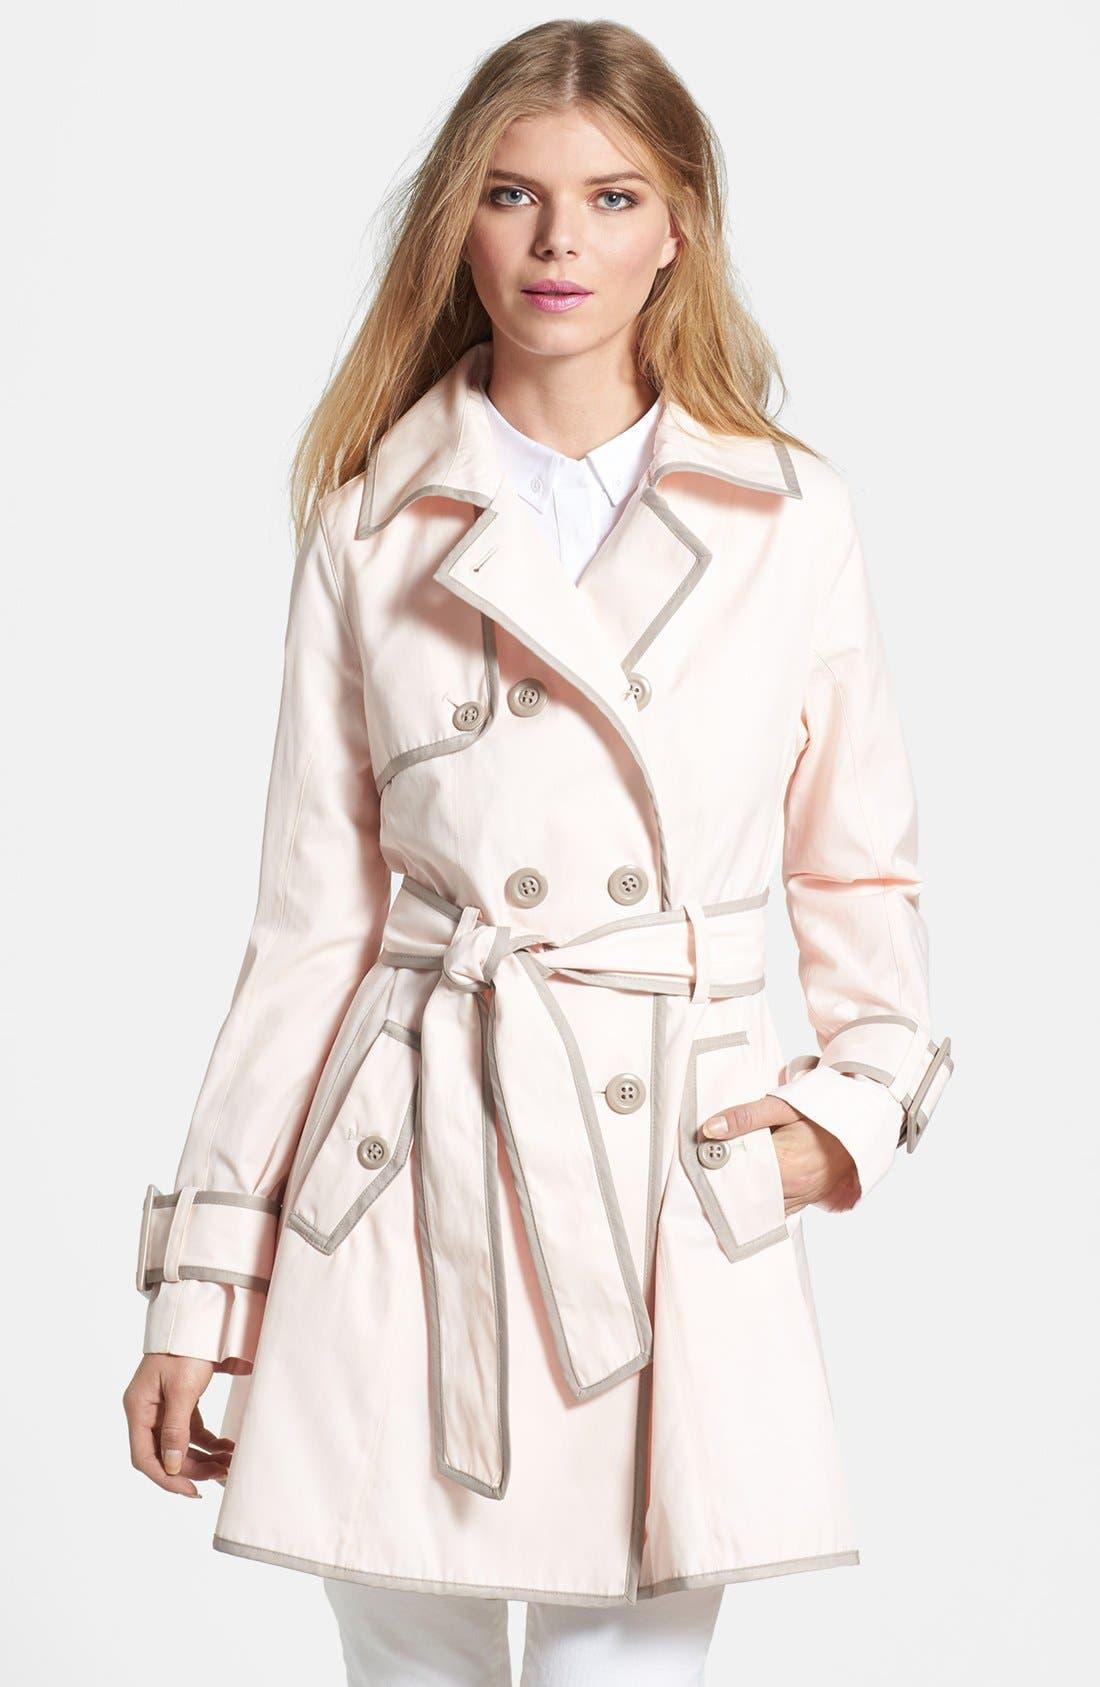 Alternate Image 1 Selected - Betsey Johnson Lace-Up Back Raincoat